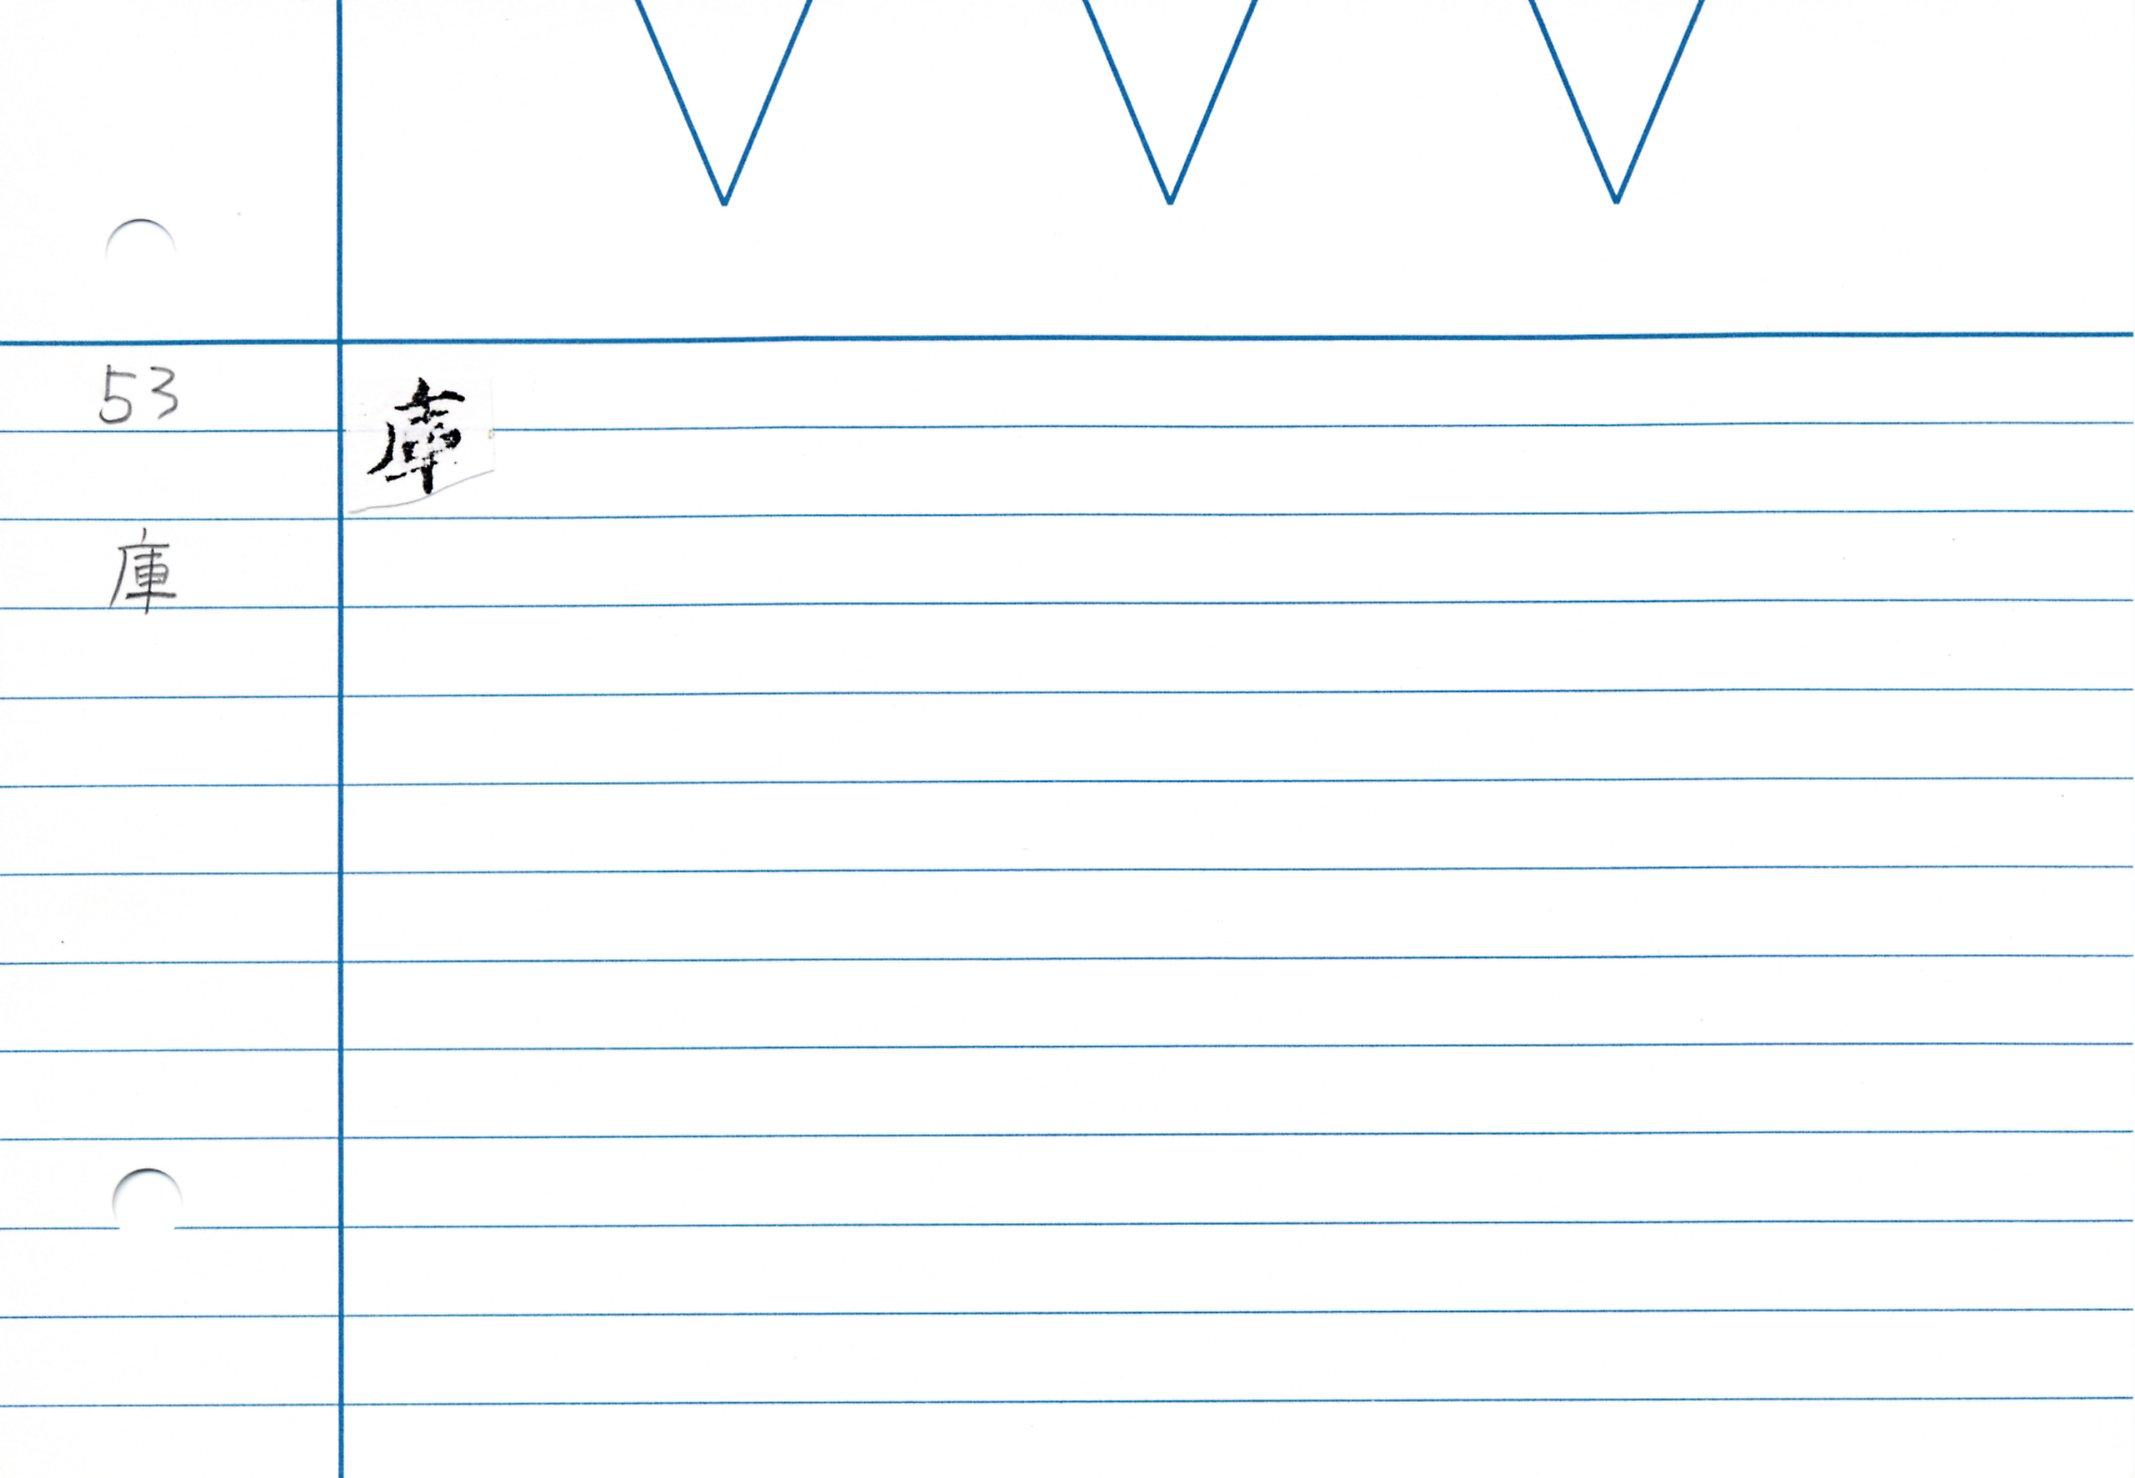 57_金剛大教王經卷一(高山寺本)/cards/0050.jpg